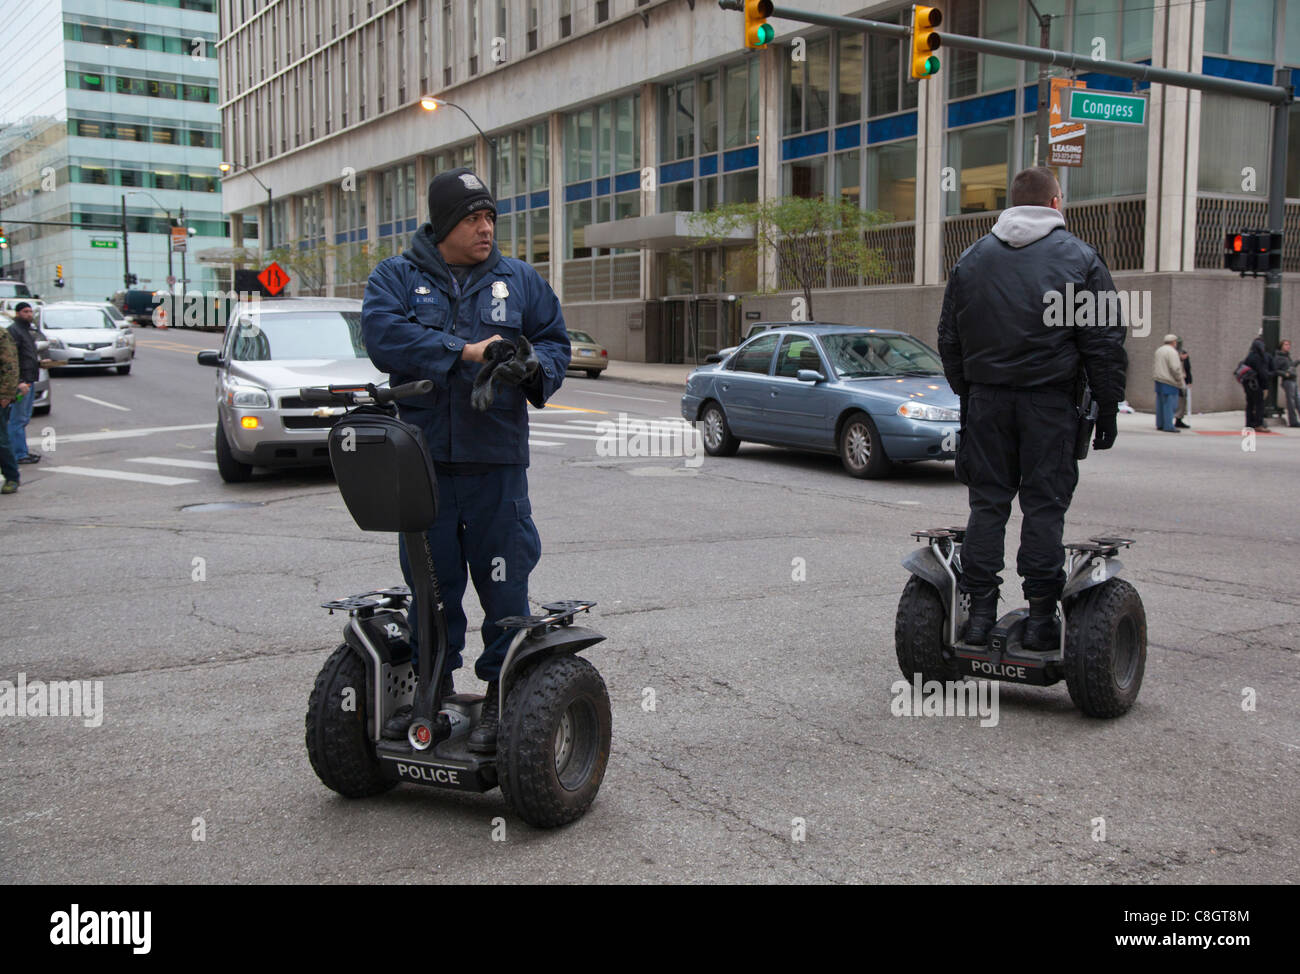 Detroit, Michigan - les agents de police dans les rues du centre-ville de patrouille sur personnels Segway véhicules Photo Stock